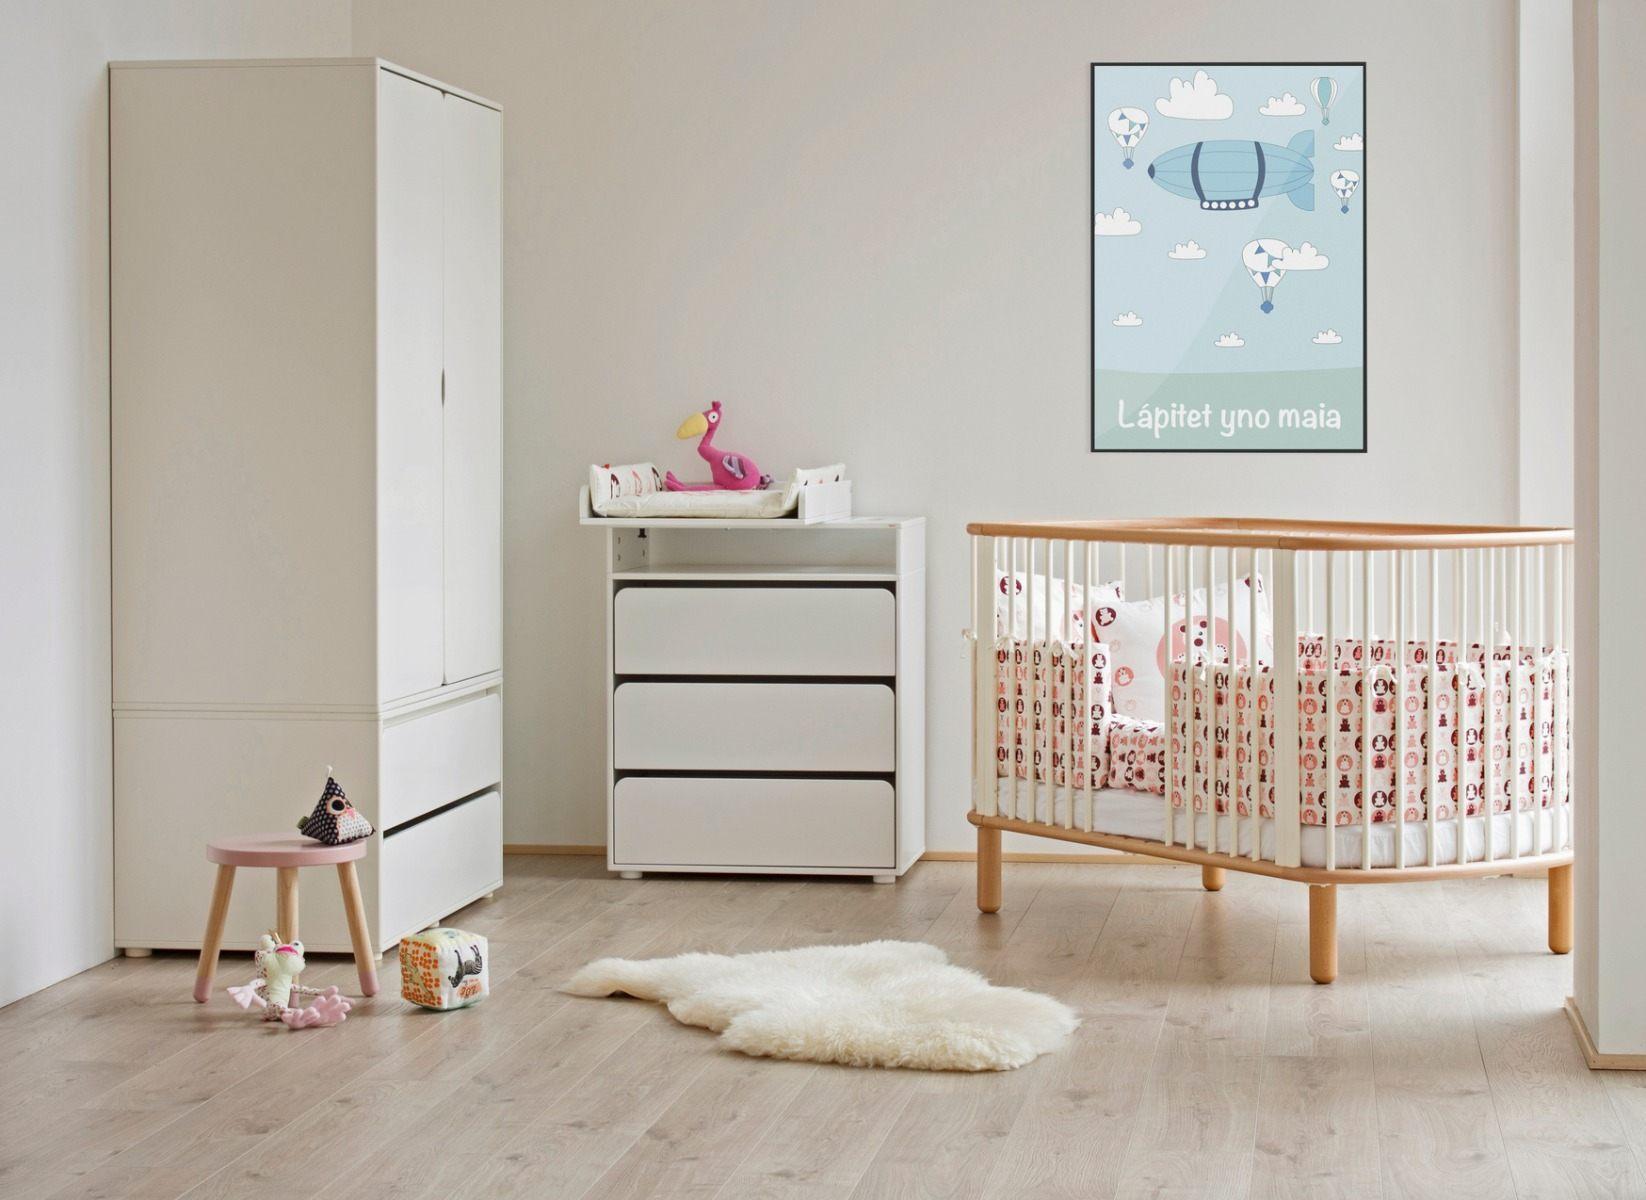 Linge De Lit Bébé Fille Impressionnant Bébé Punaise De Lit Chambre Bébé Fille Inspirant Parc B C3 A9b C3 A9